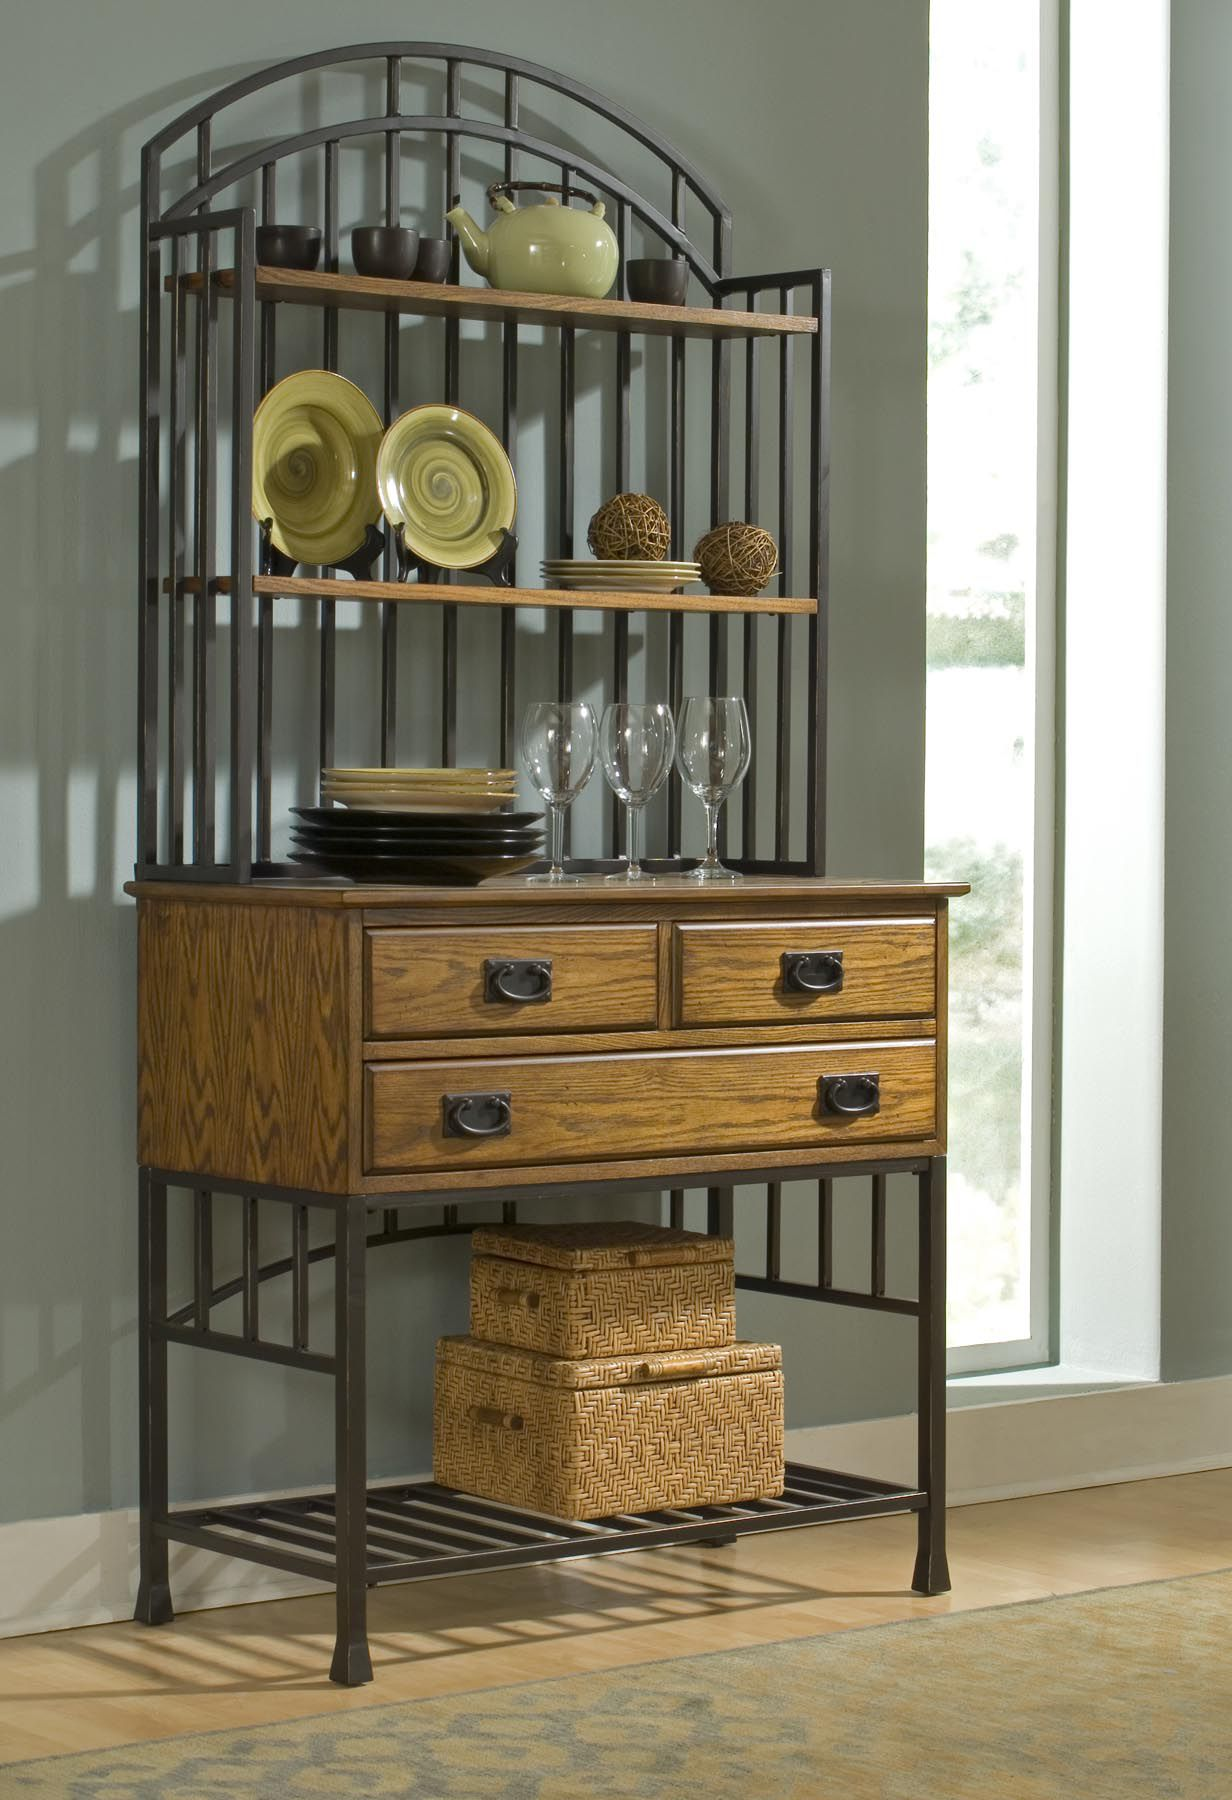 Home Styles Oak hill Bakers Rack